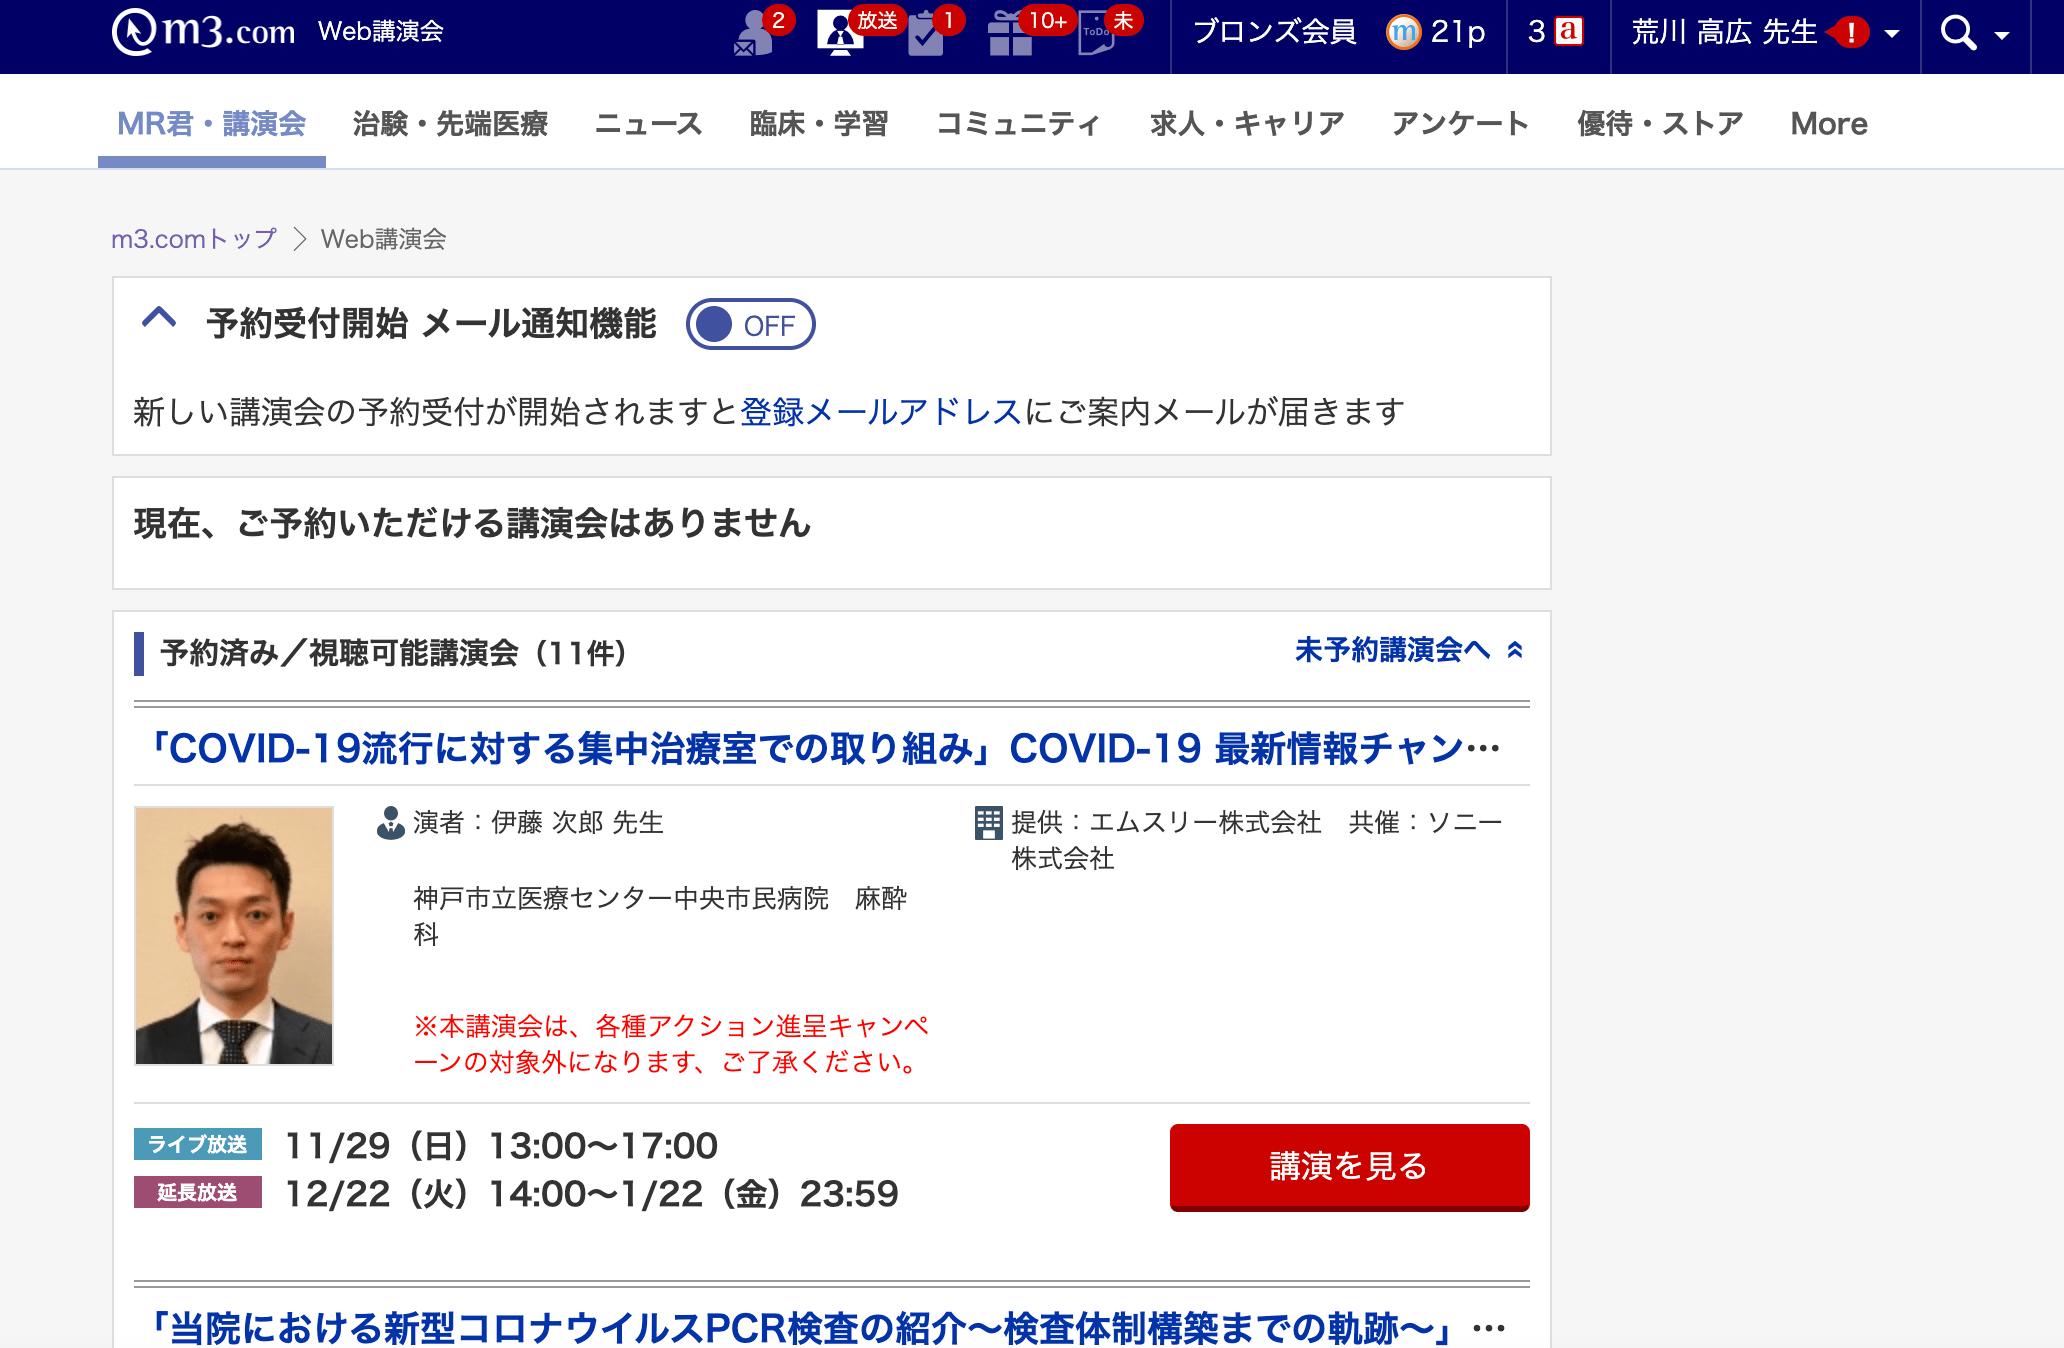 M3.com(エムスリードットコム)無料でみれる講演